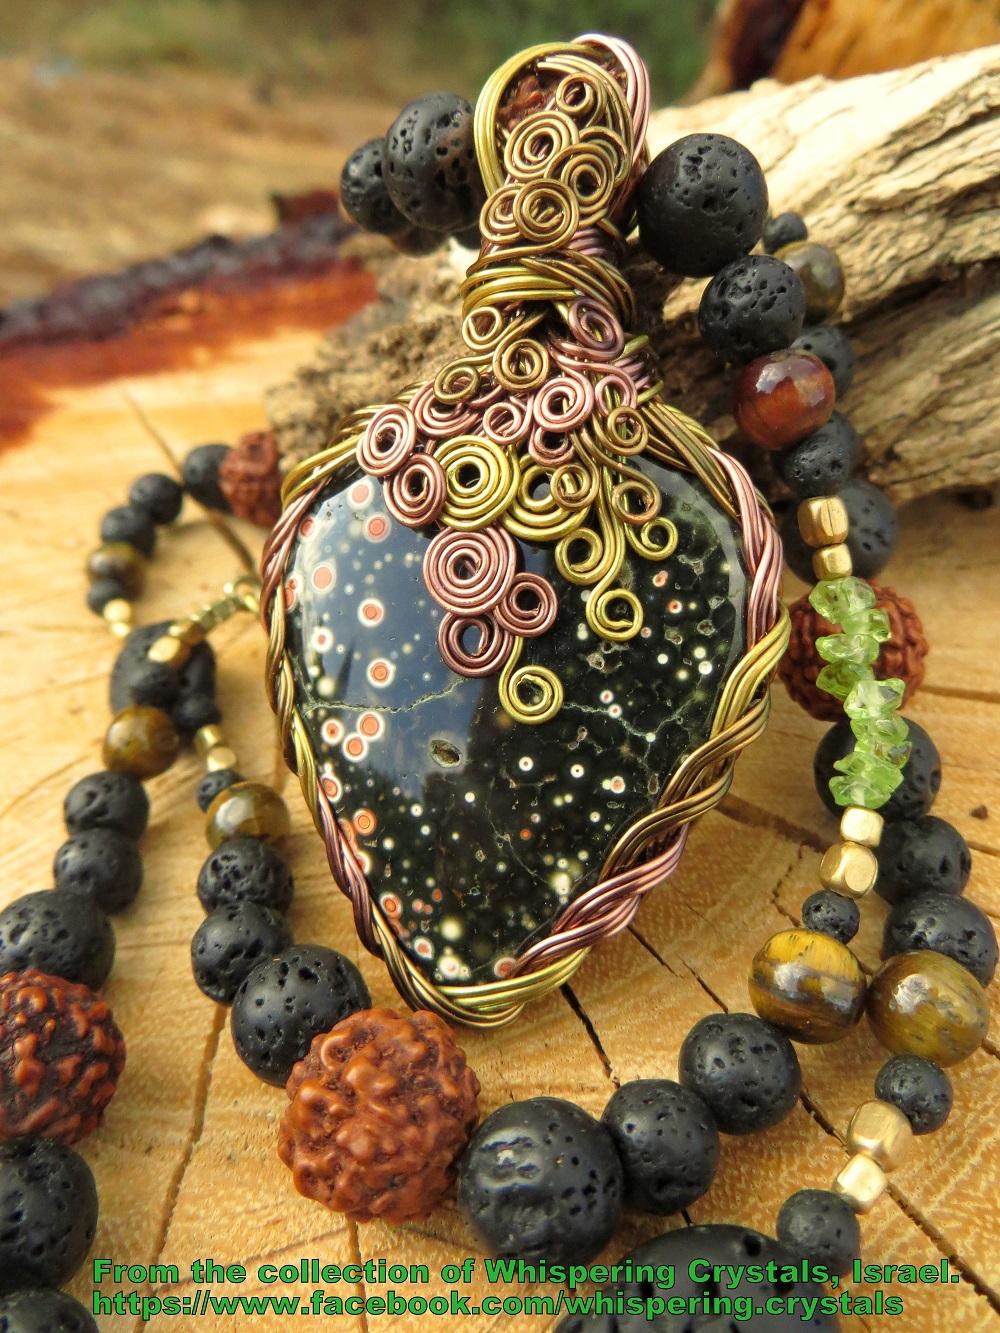 ג'ספר אושן משובצת בתליון. מהאוסף של 'וויספרינג קריסטלס' www.facebook.com/whispering.crystals